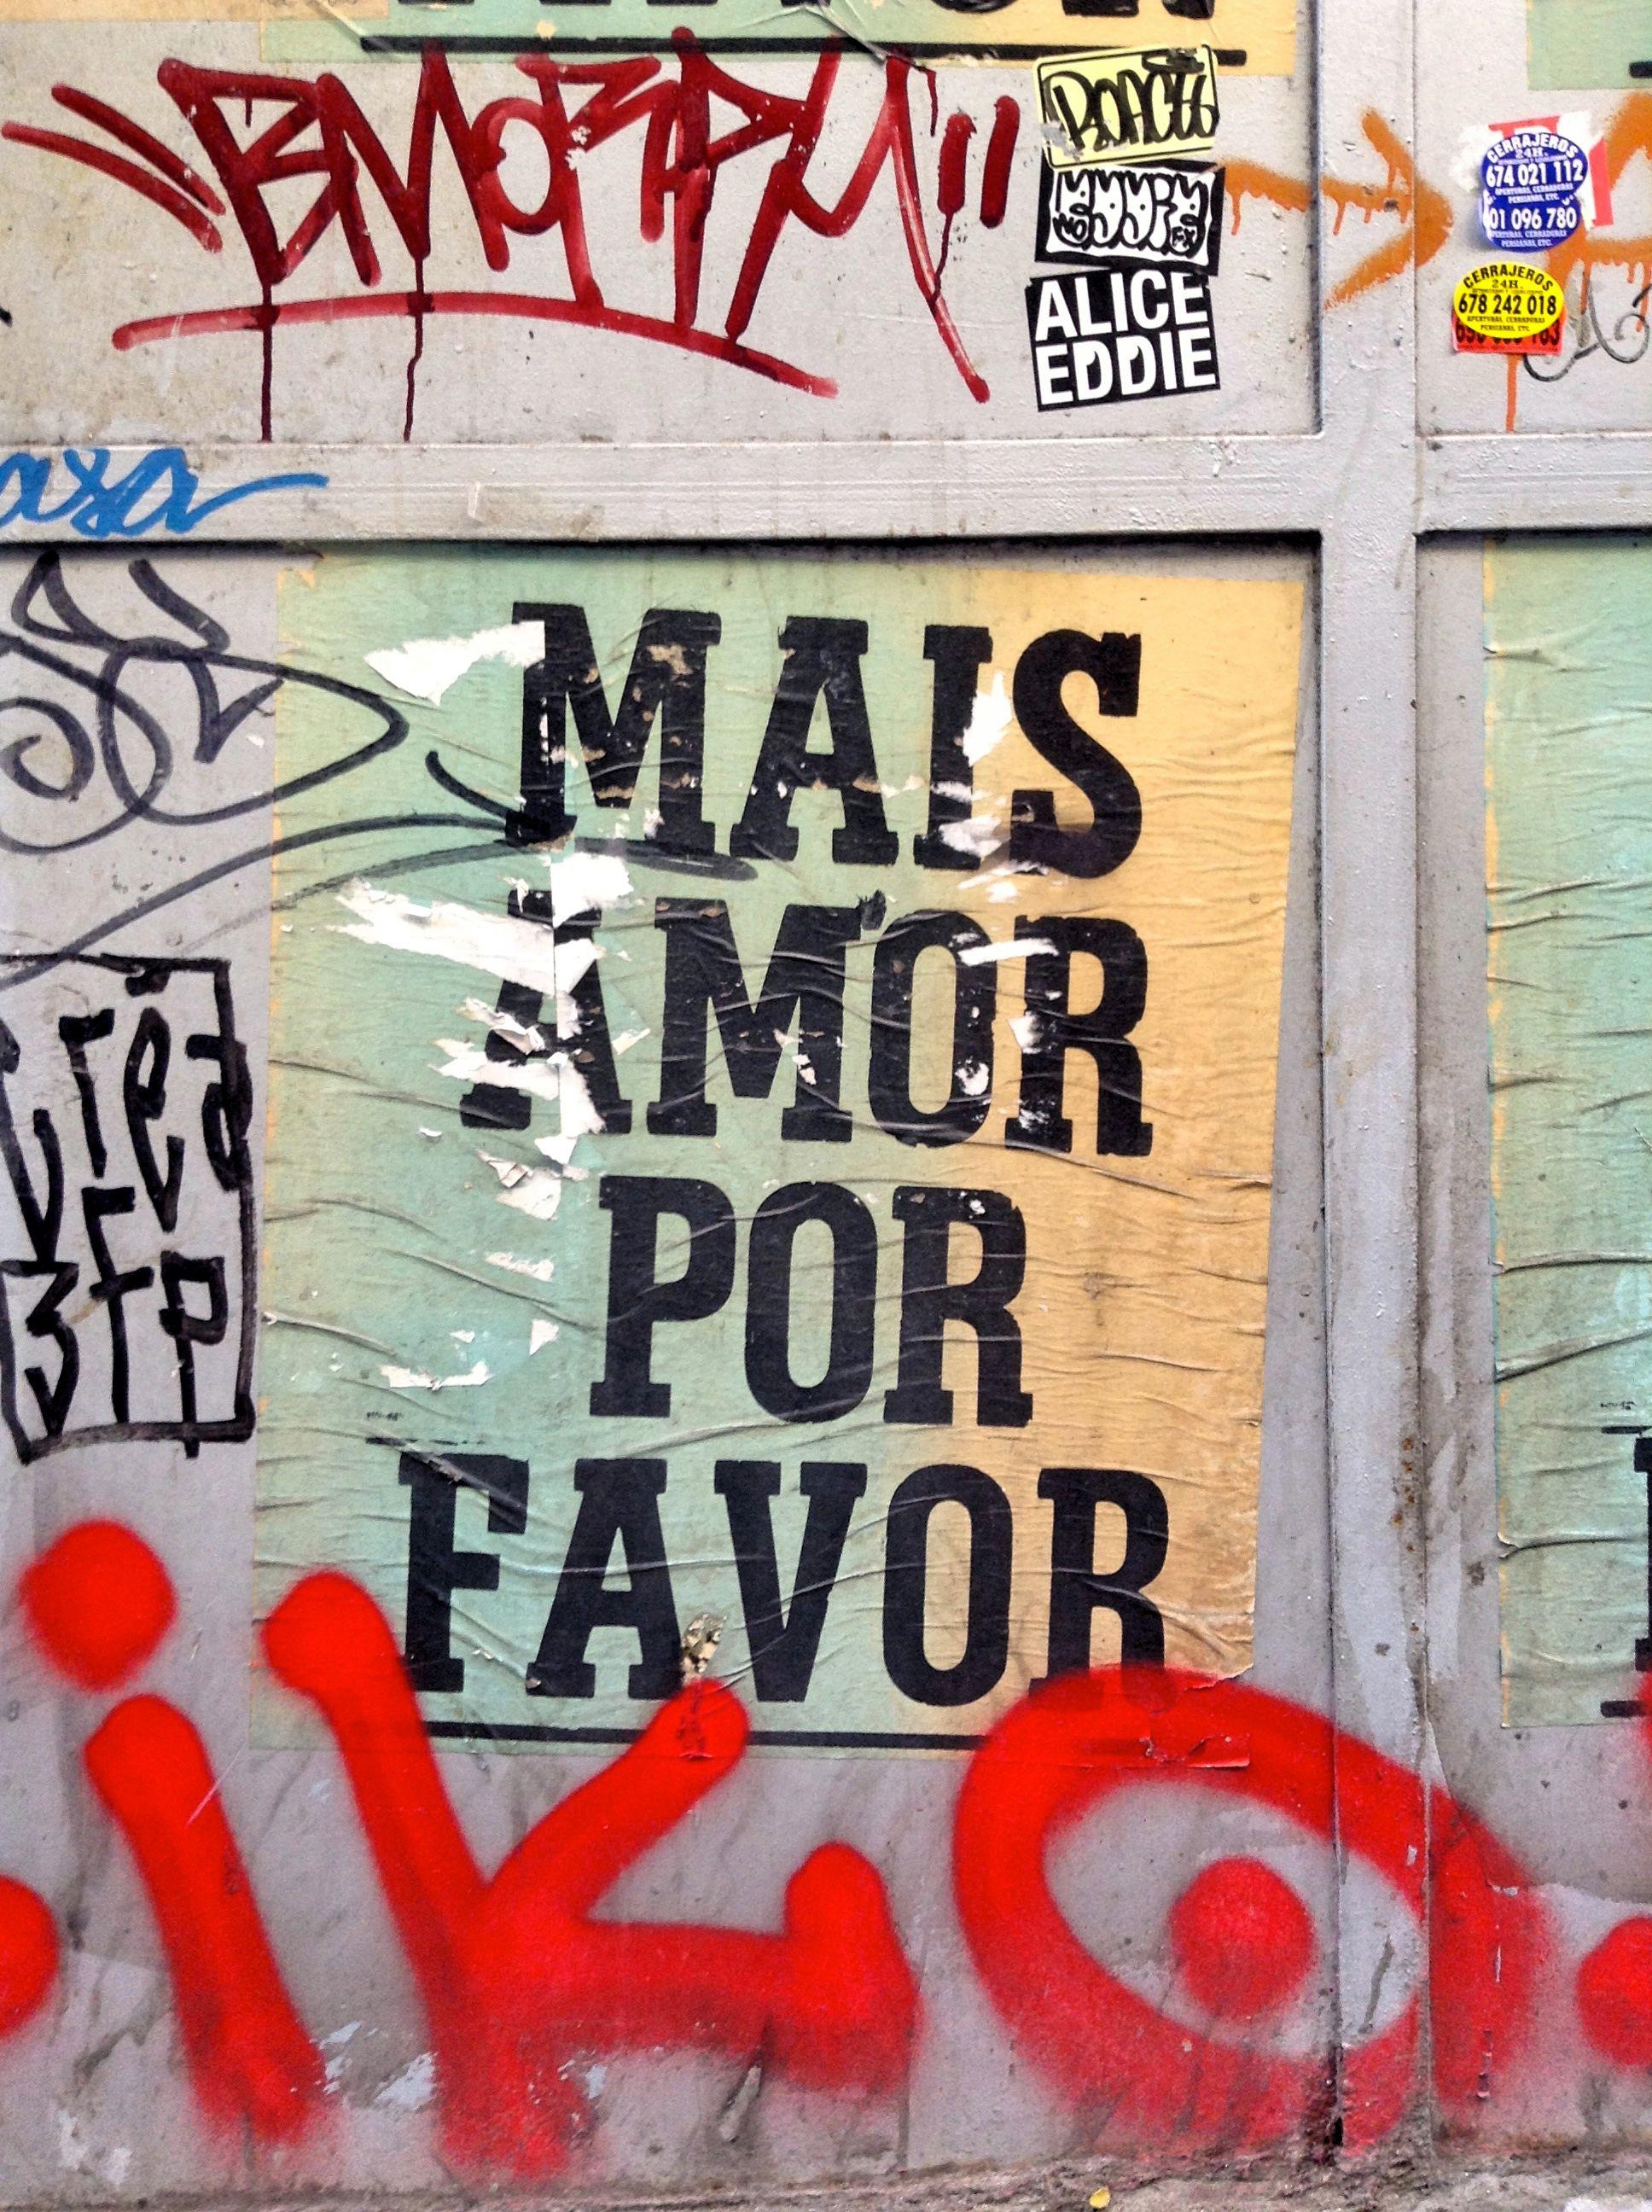 MAIS AMOR POR FAVOR !   #Mais #Amor #Por #Favor #More #Love #Please #Quote #StreetArt #Street #Art #Barcelona #B4S #Bcn #Catalonia #Inspiration #FOS #FreedomOfSpeech #Artist